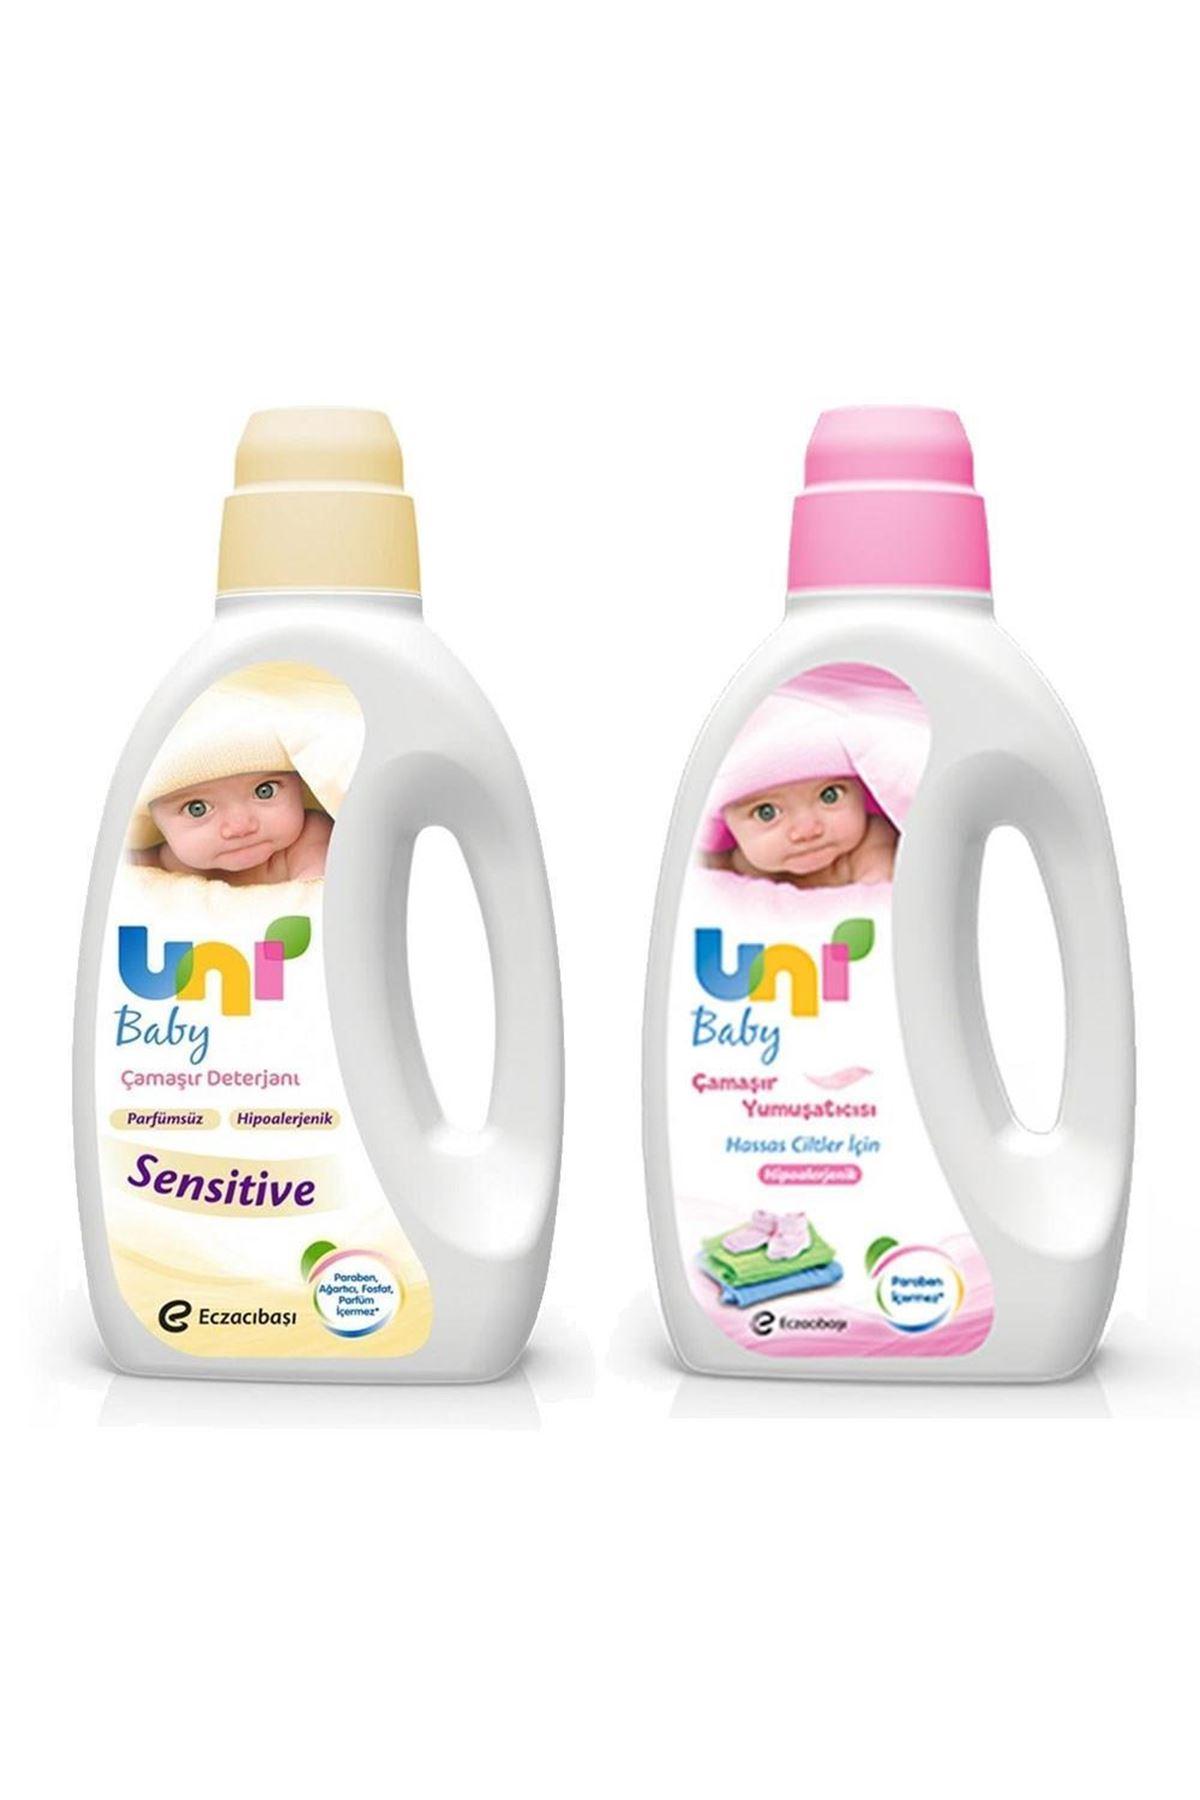 Uni Baby Sensitive Çamaşır Deterjanı 1500 ml + Çamaşır Yumuşatıcısı 1500 ml